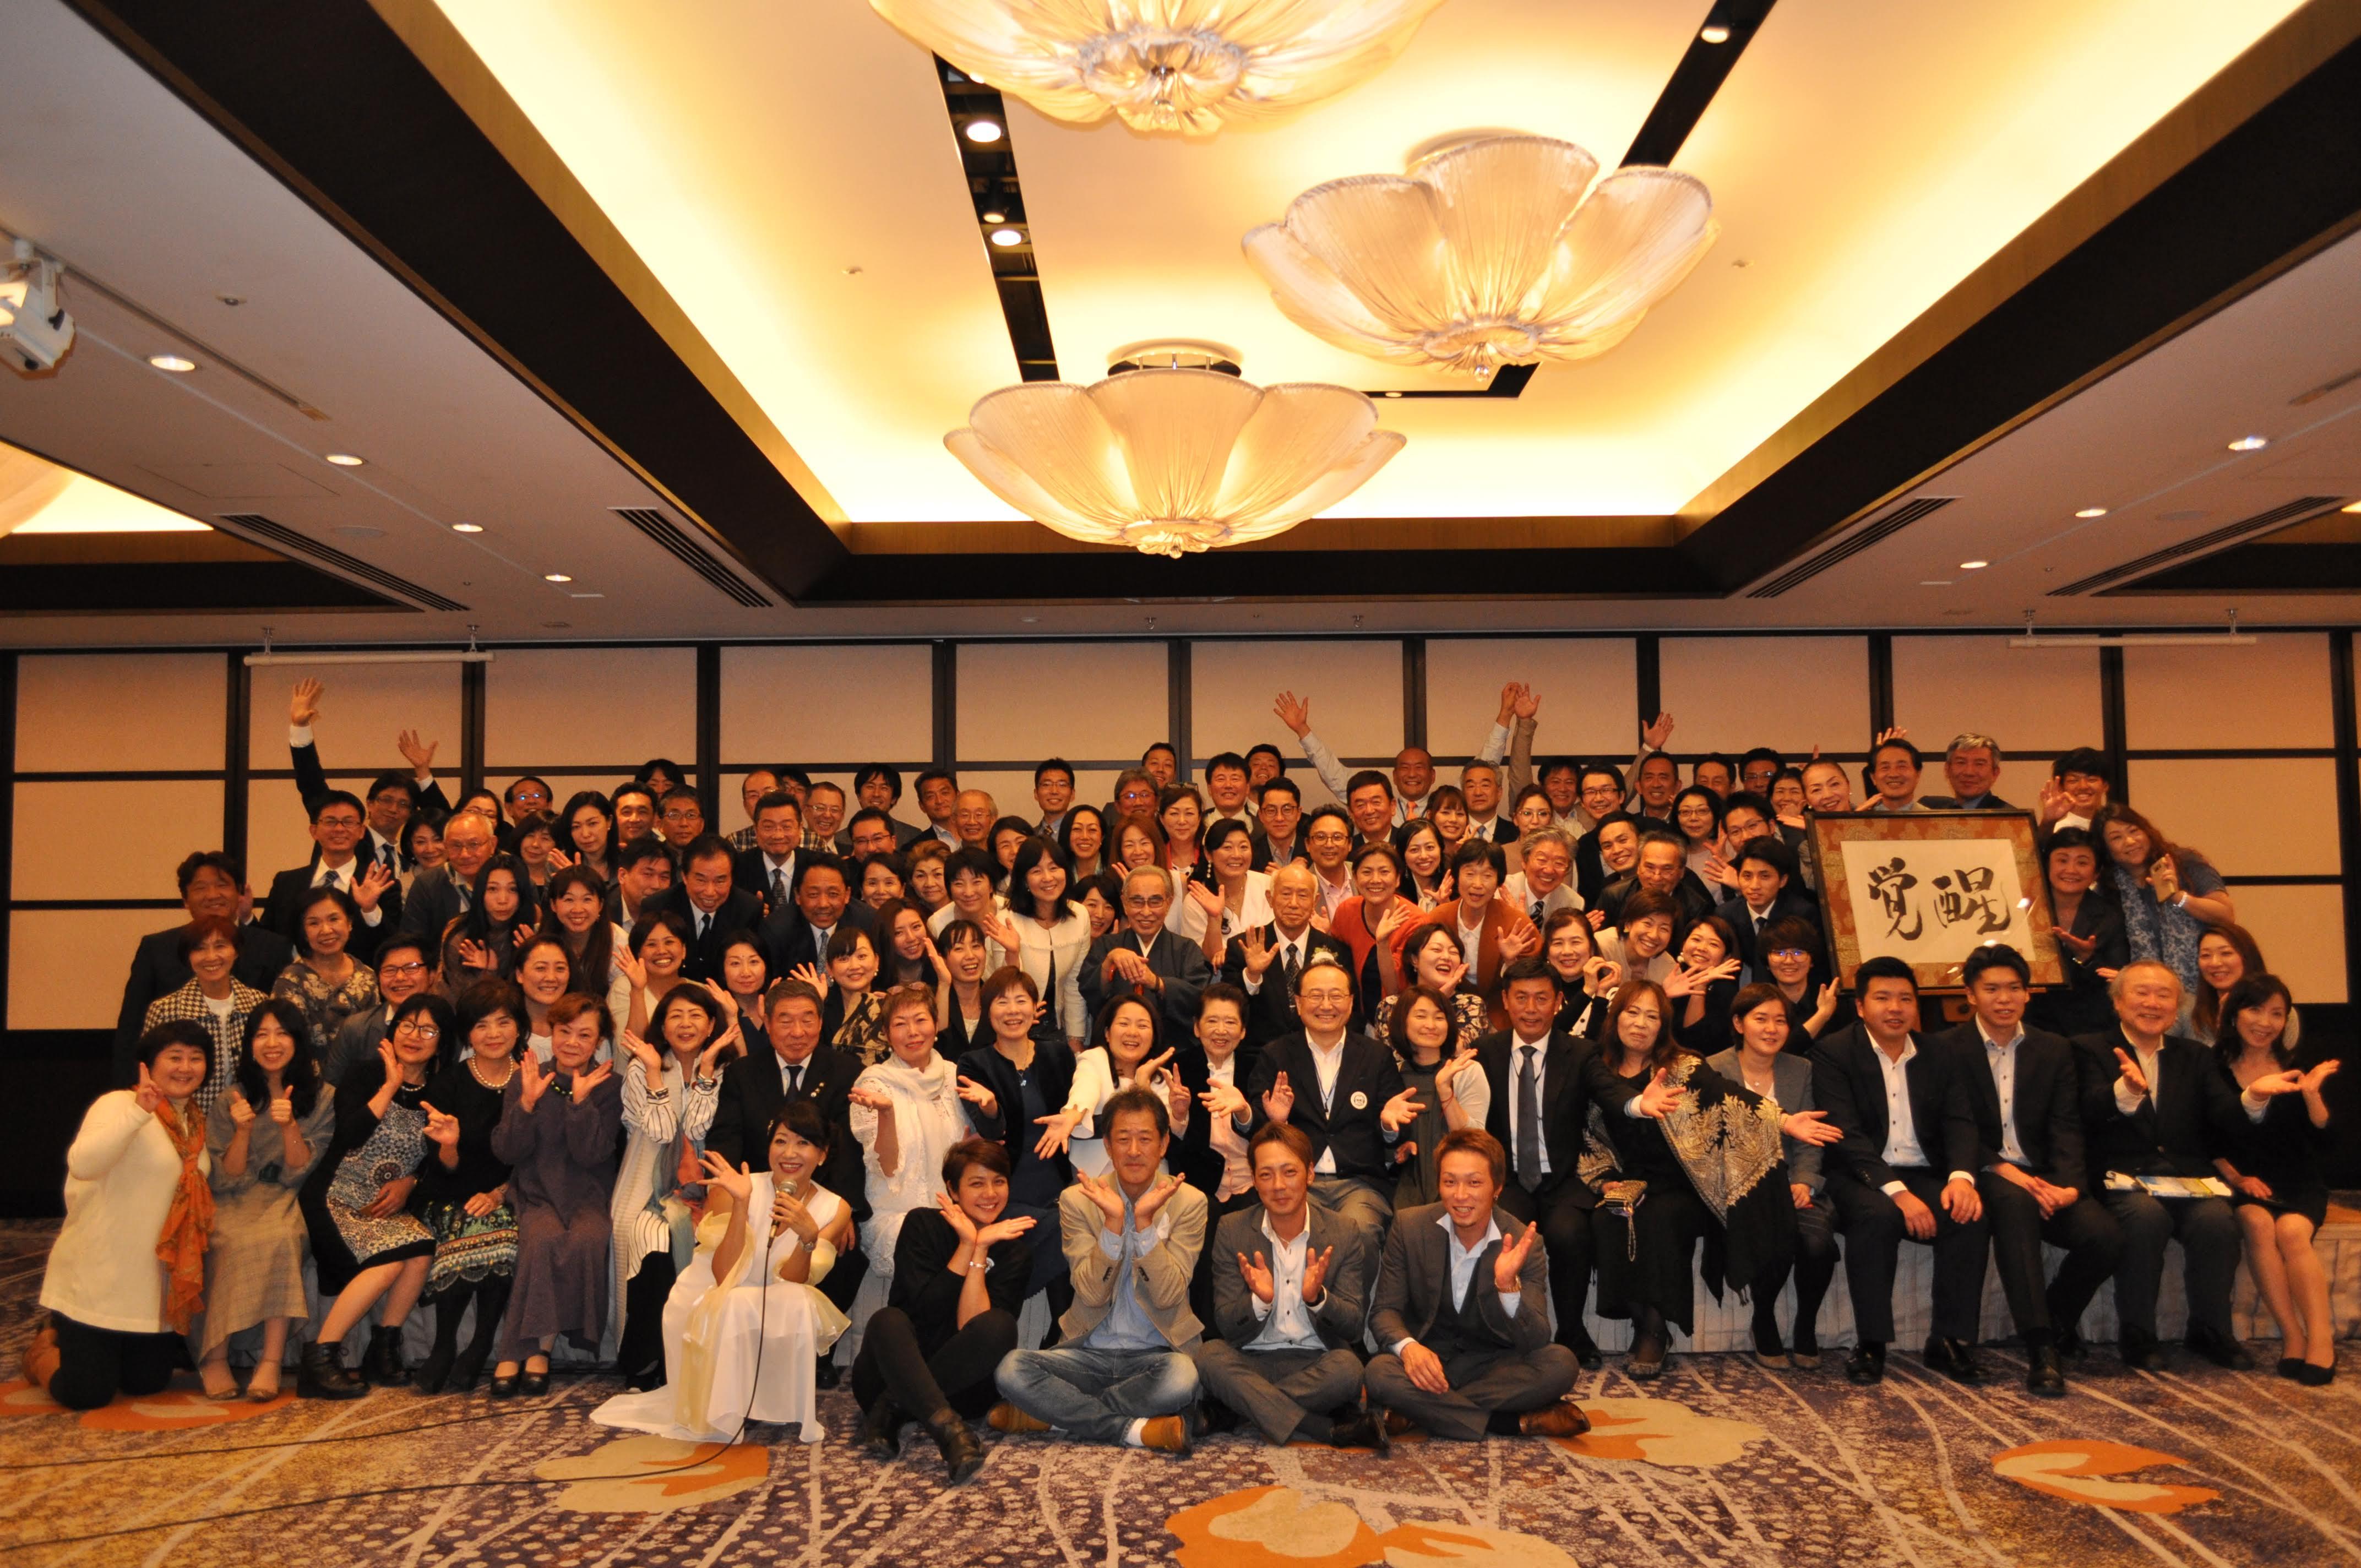 DSC 0609 1 - 思風会全国大会in広島